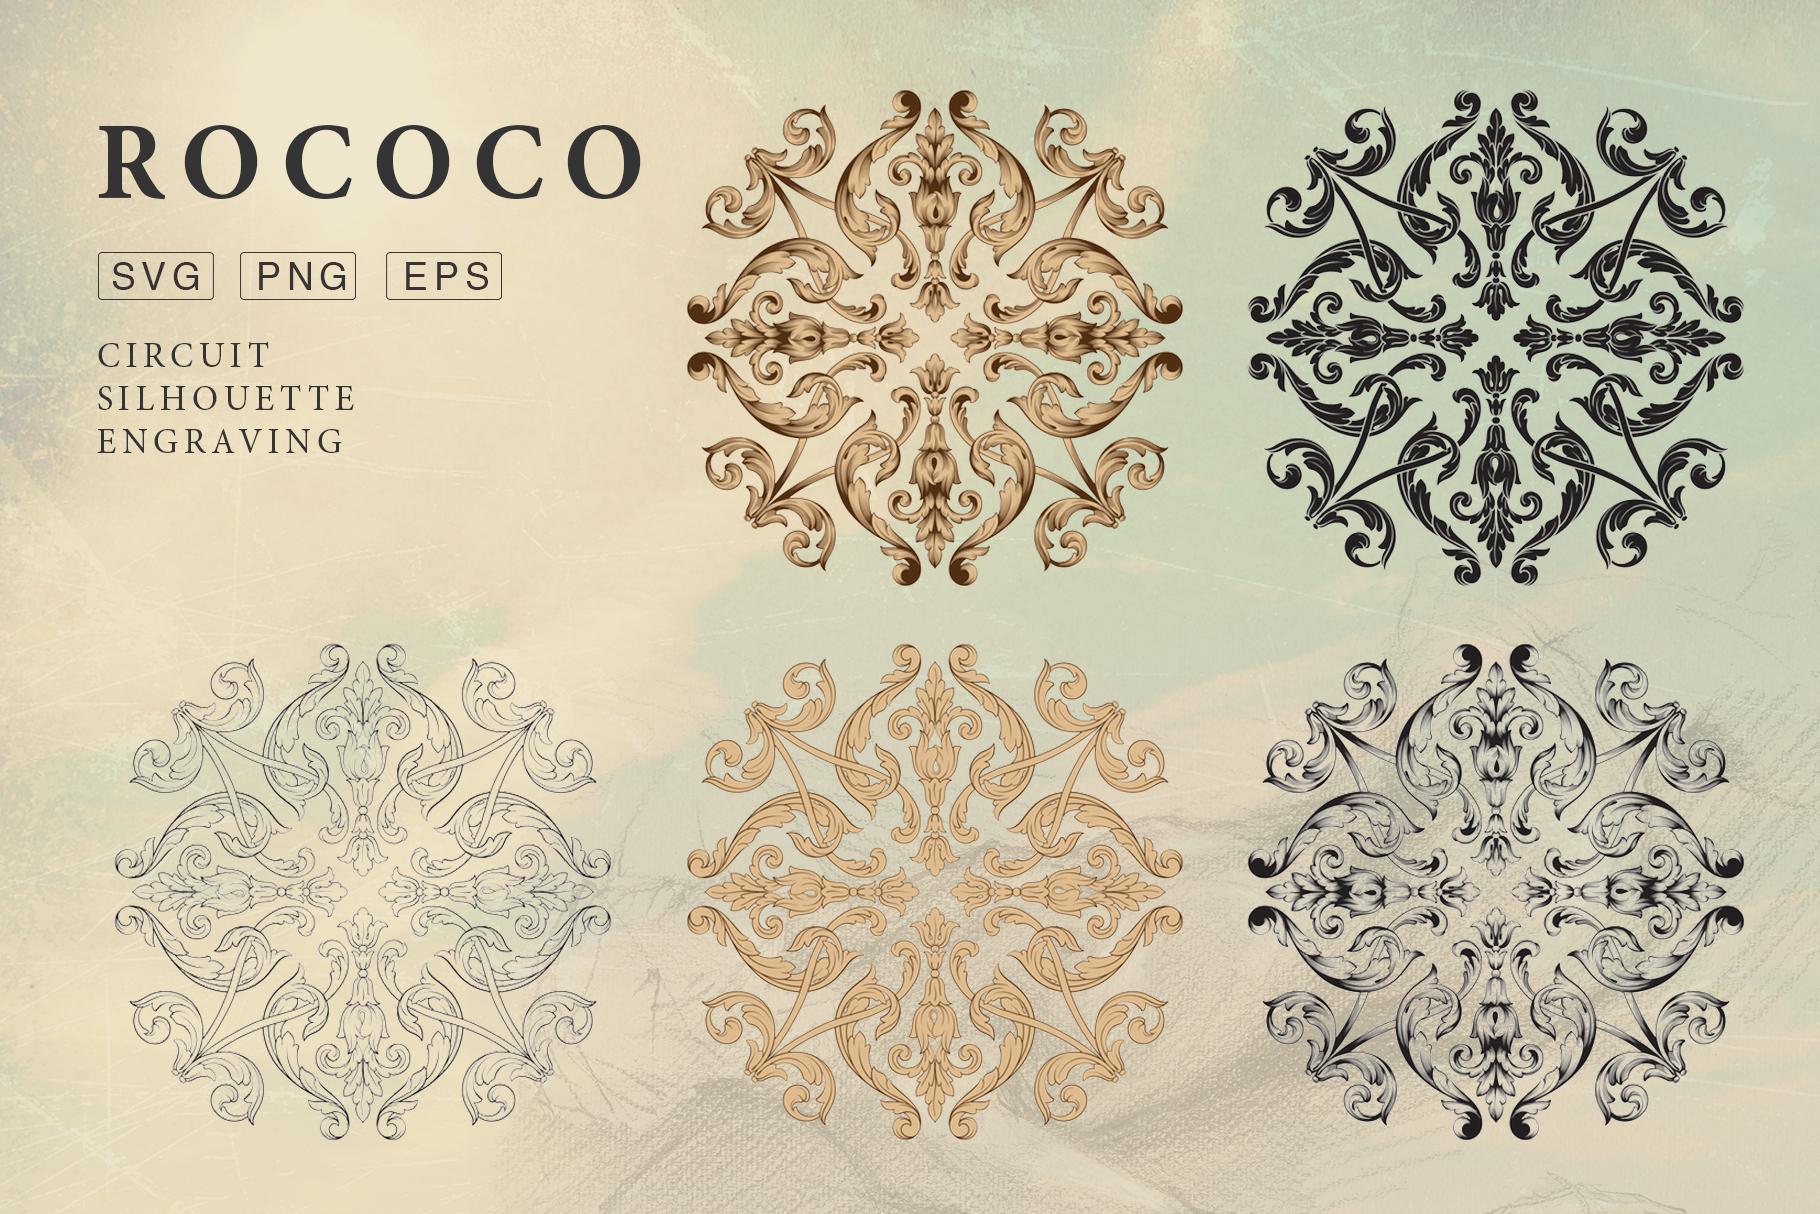 Rococo Romance Ornament page decor example image 7